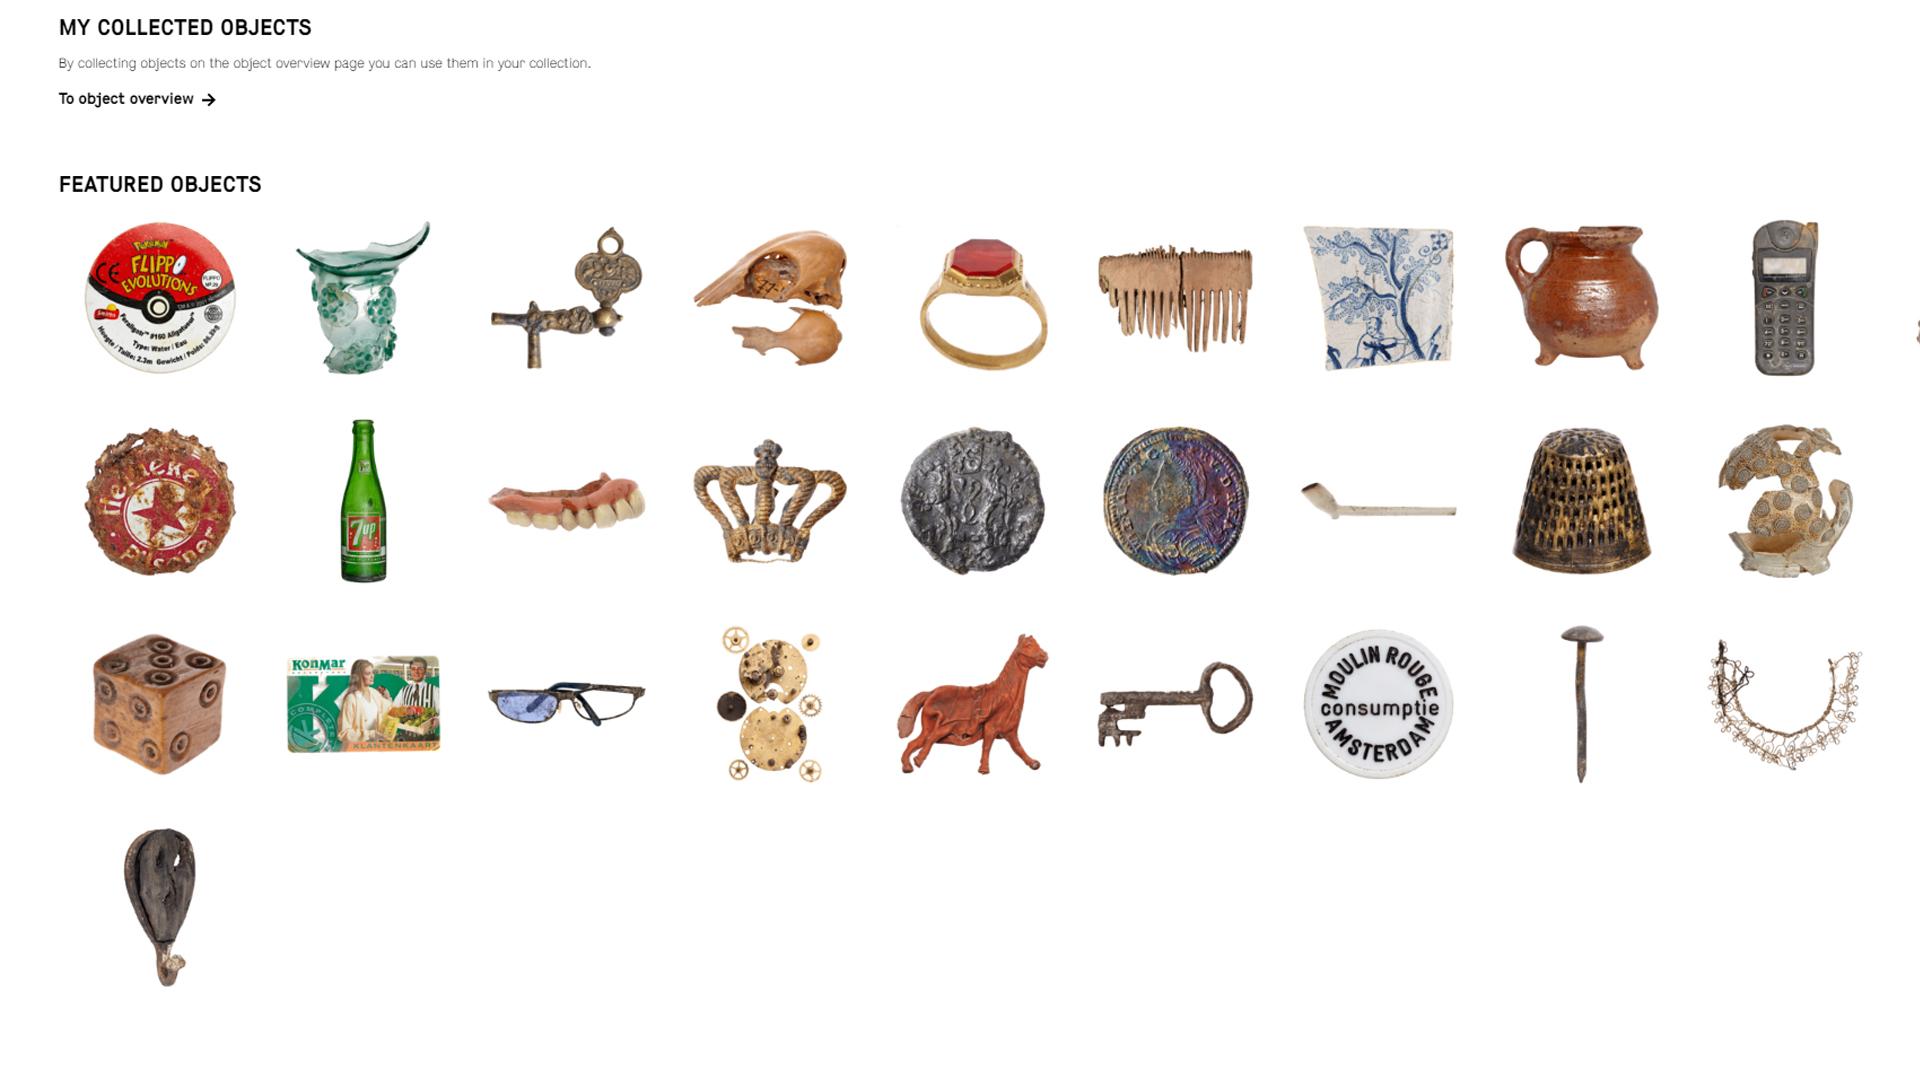 Археологи каталогизировали 700 тысяч вещей из каналов Амстердама Археологи каталогизировали 700 тысяч вещей из каналов Амстердама 02